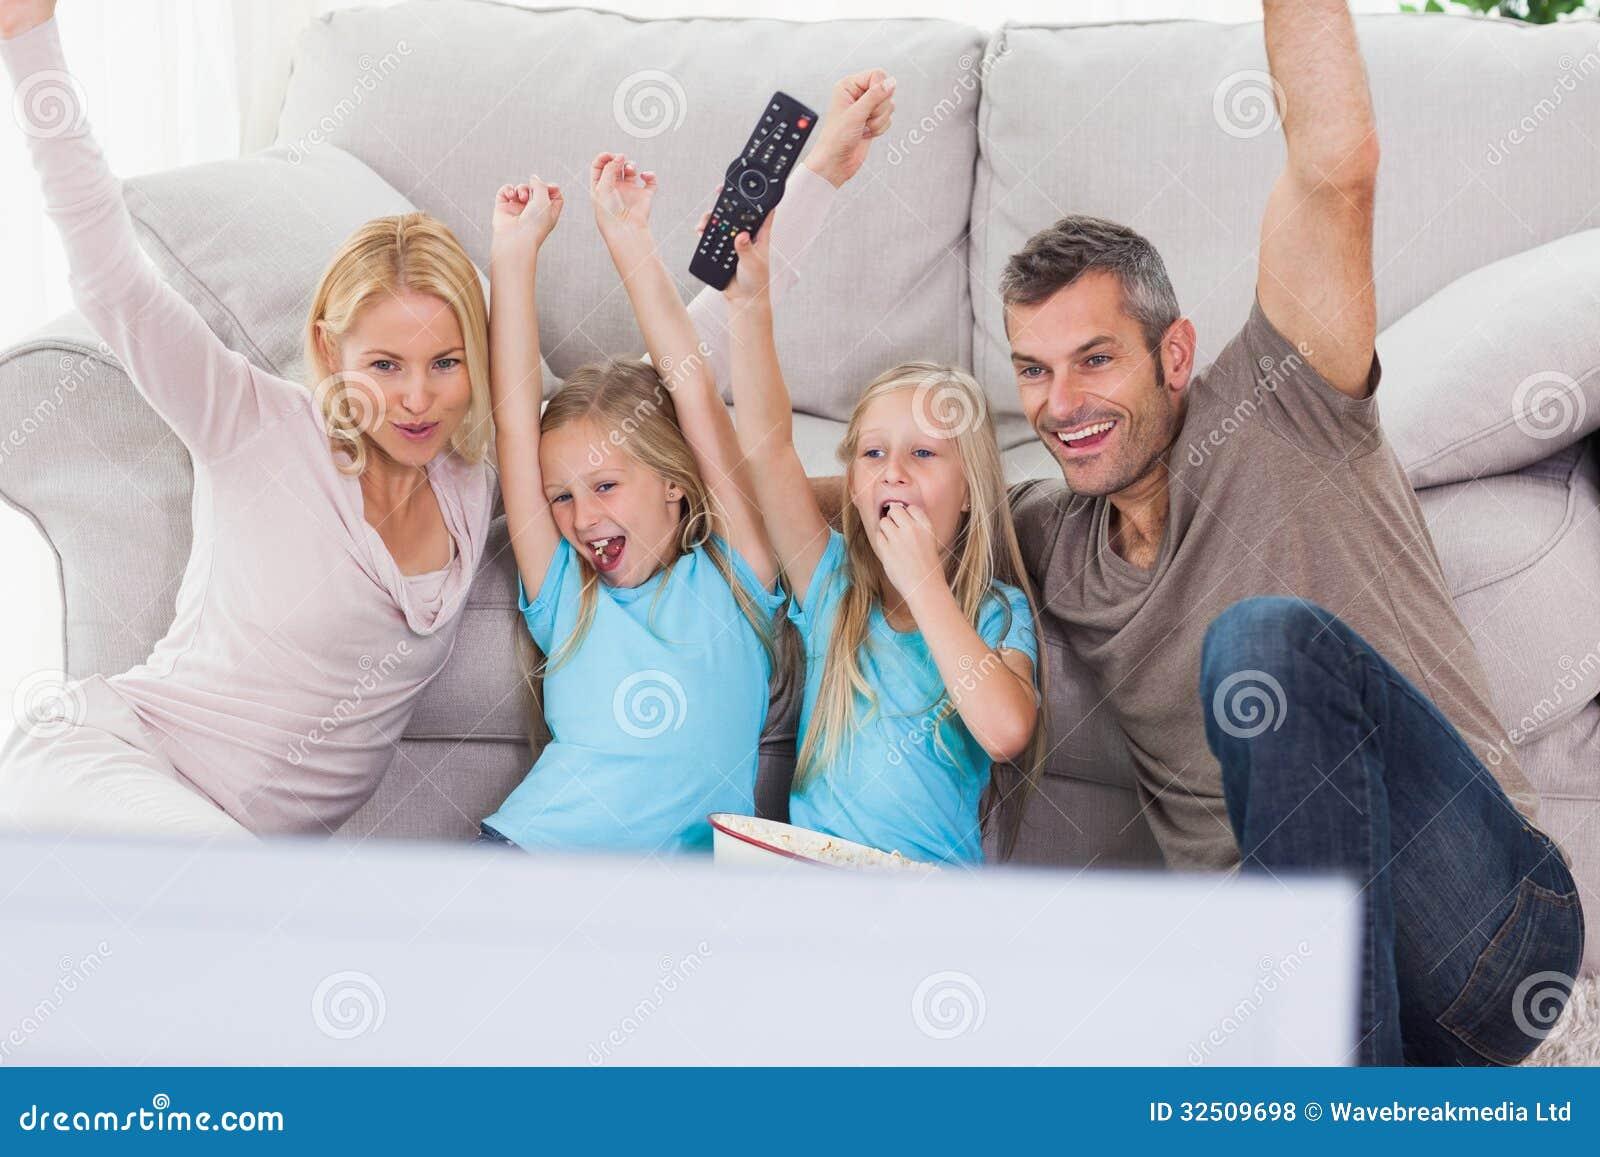 Gulligt kopplar samman och uppfostrar att lyfta armar, medan hålla ögonen på television